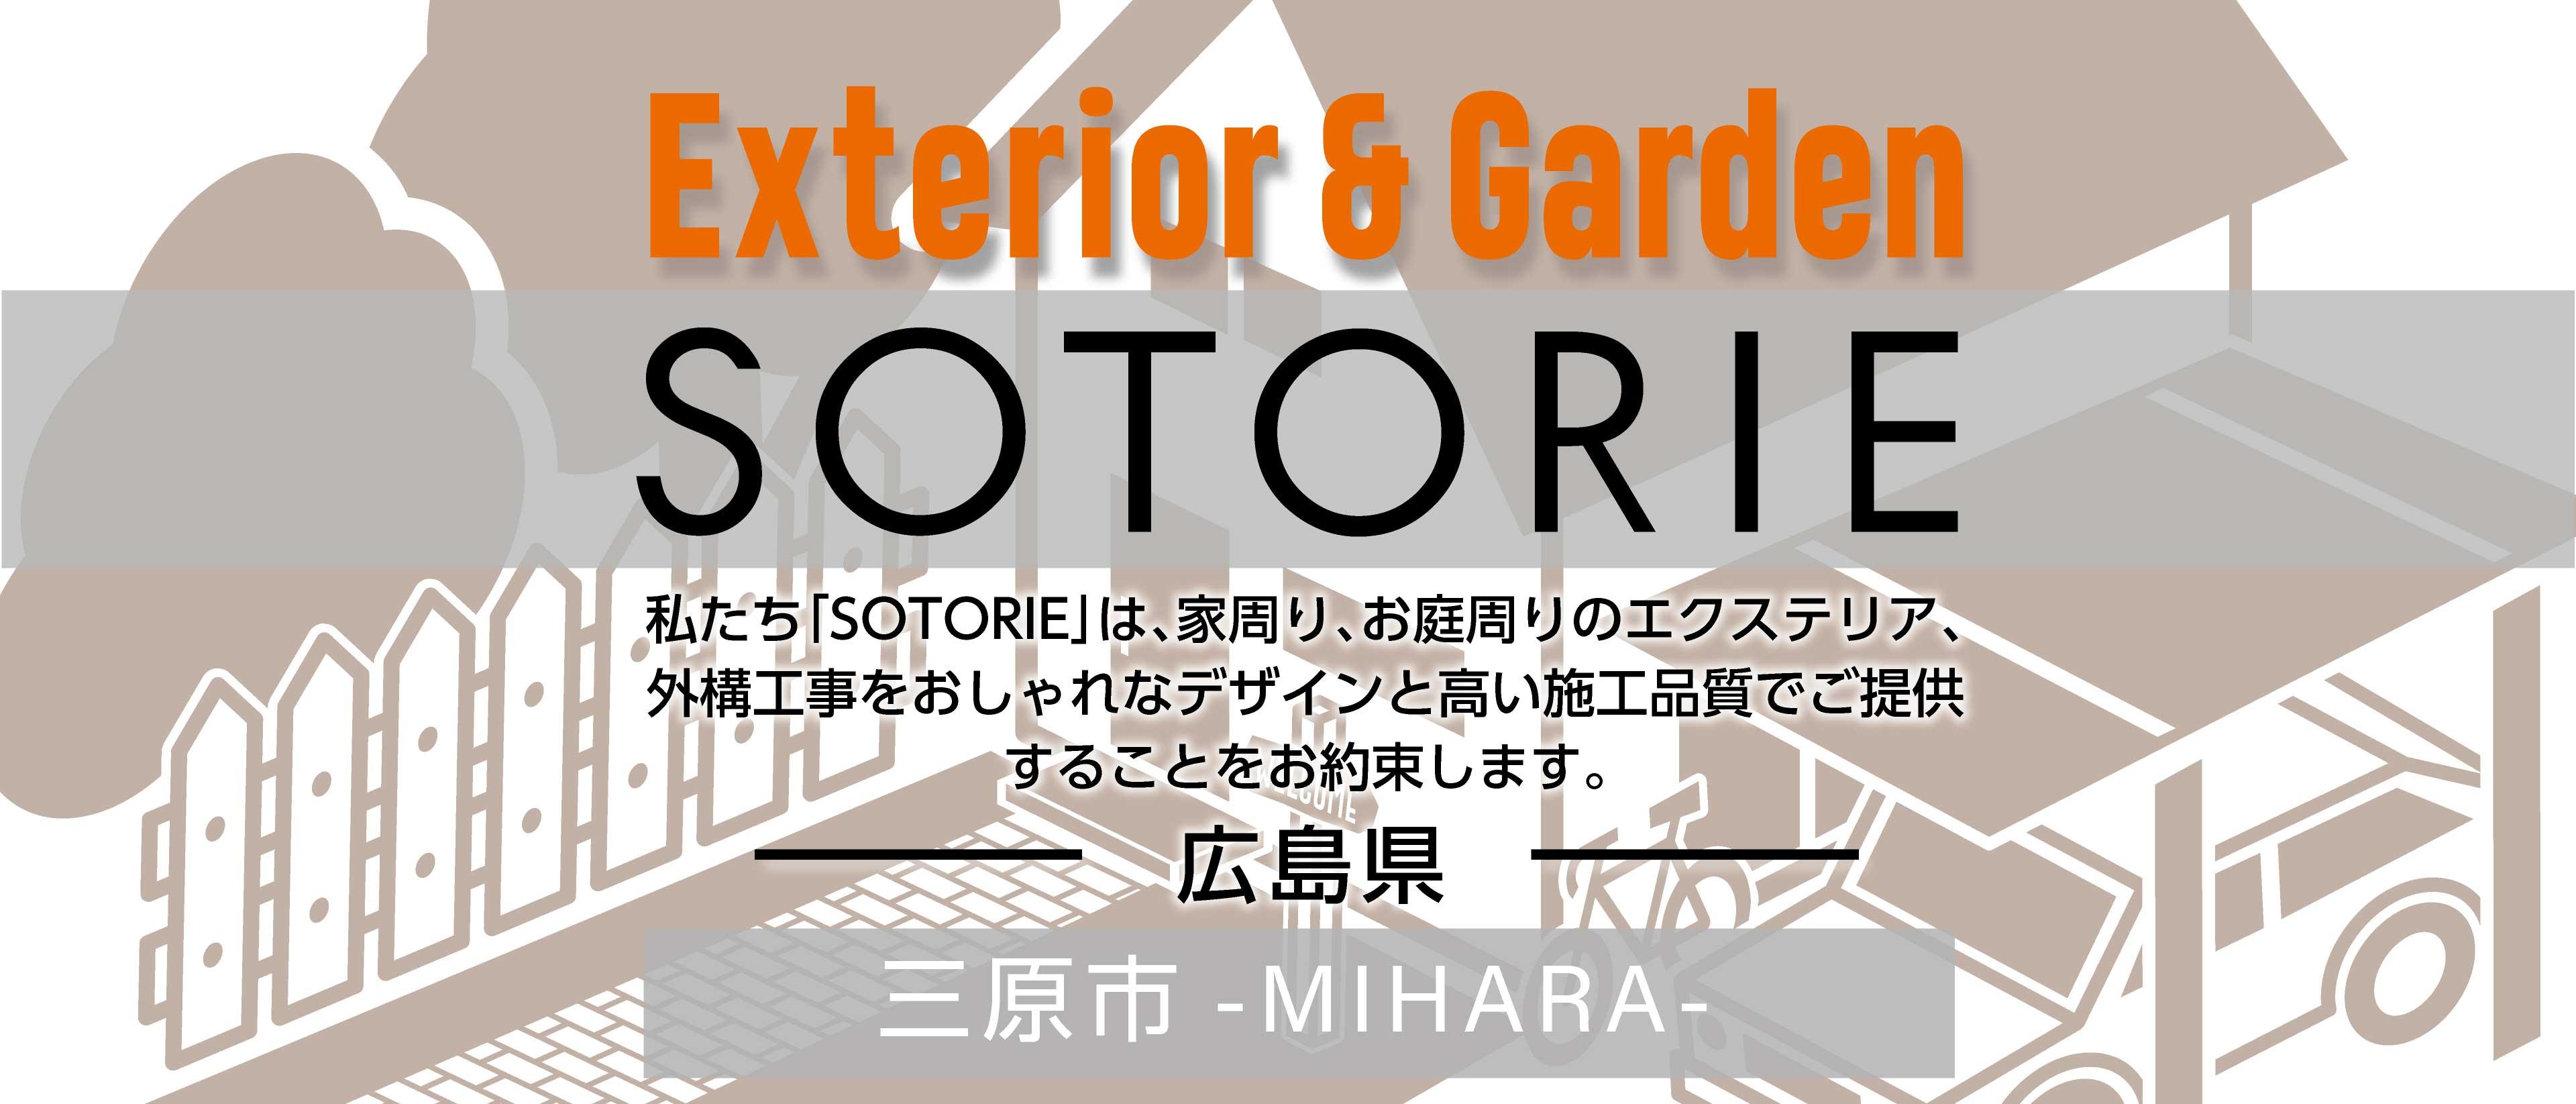 ソトリエ三原市では、家周りと庭周りの外構、エクステリア工事をおしゃれなデザインと高い施工品質でご提供することをお約束します。